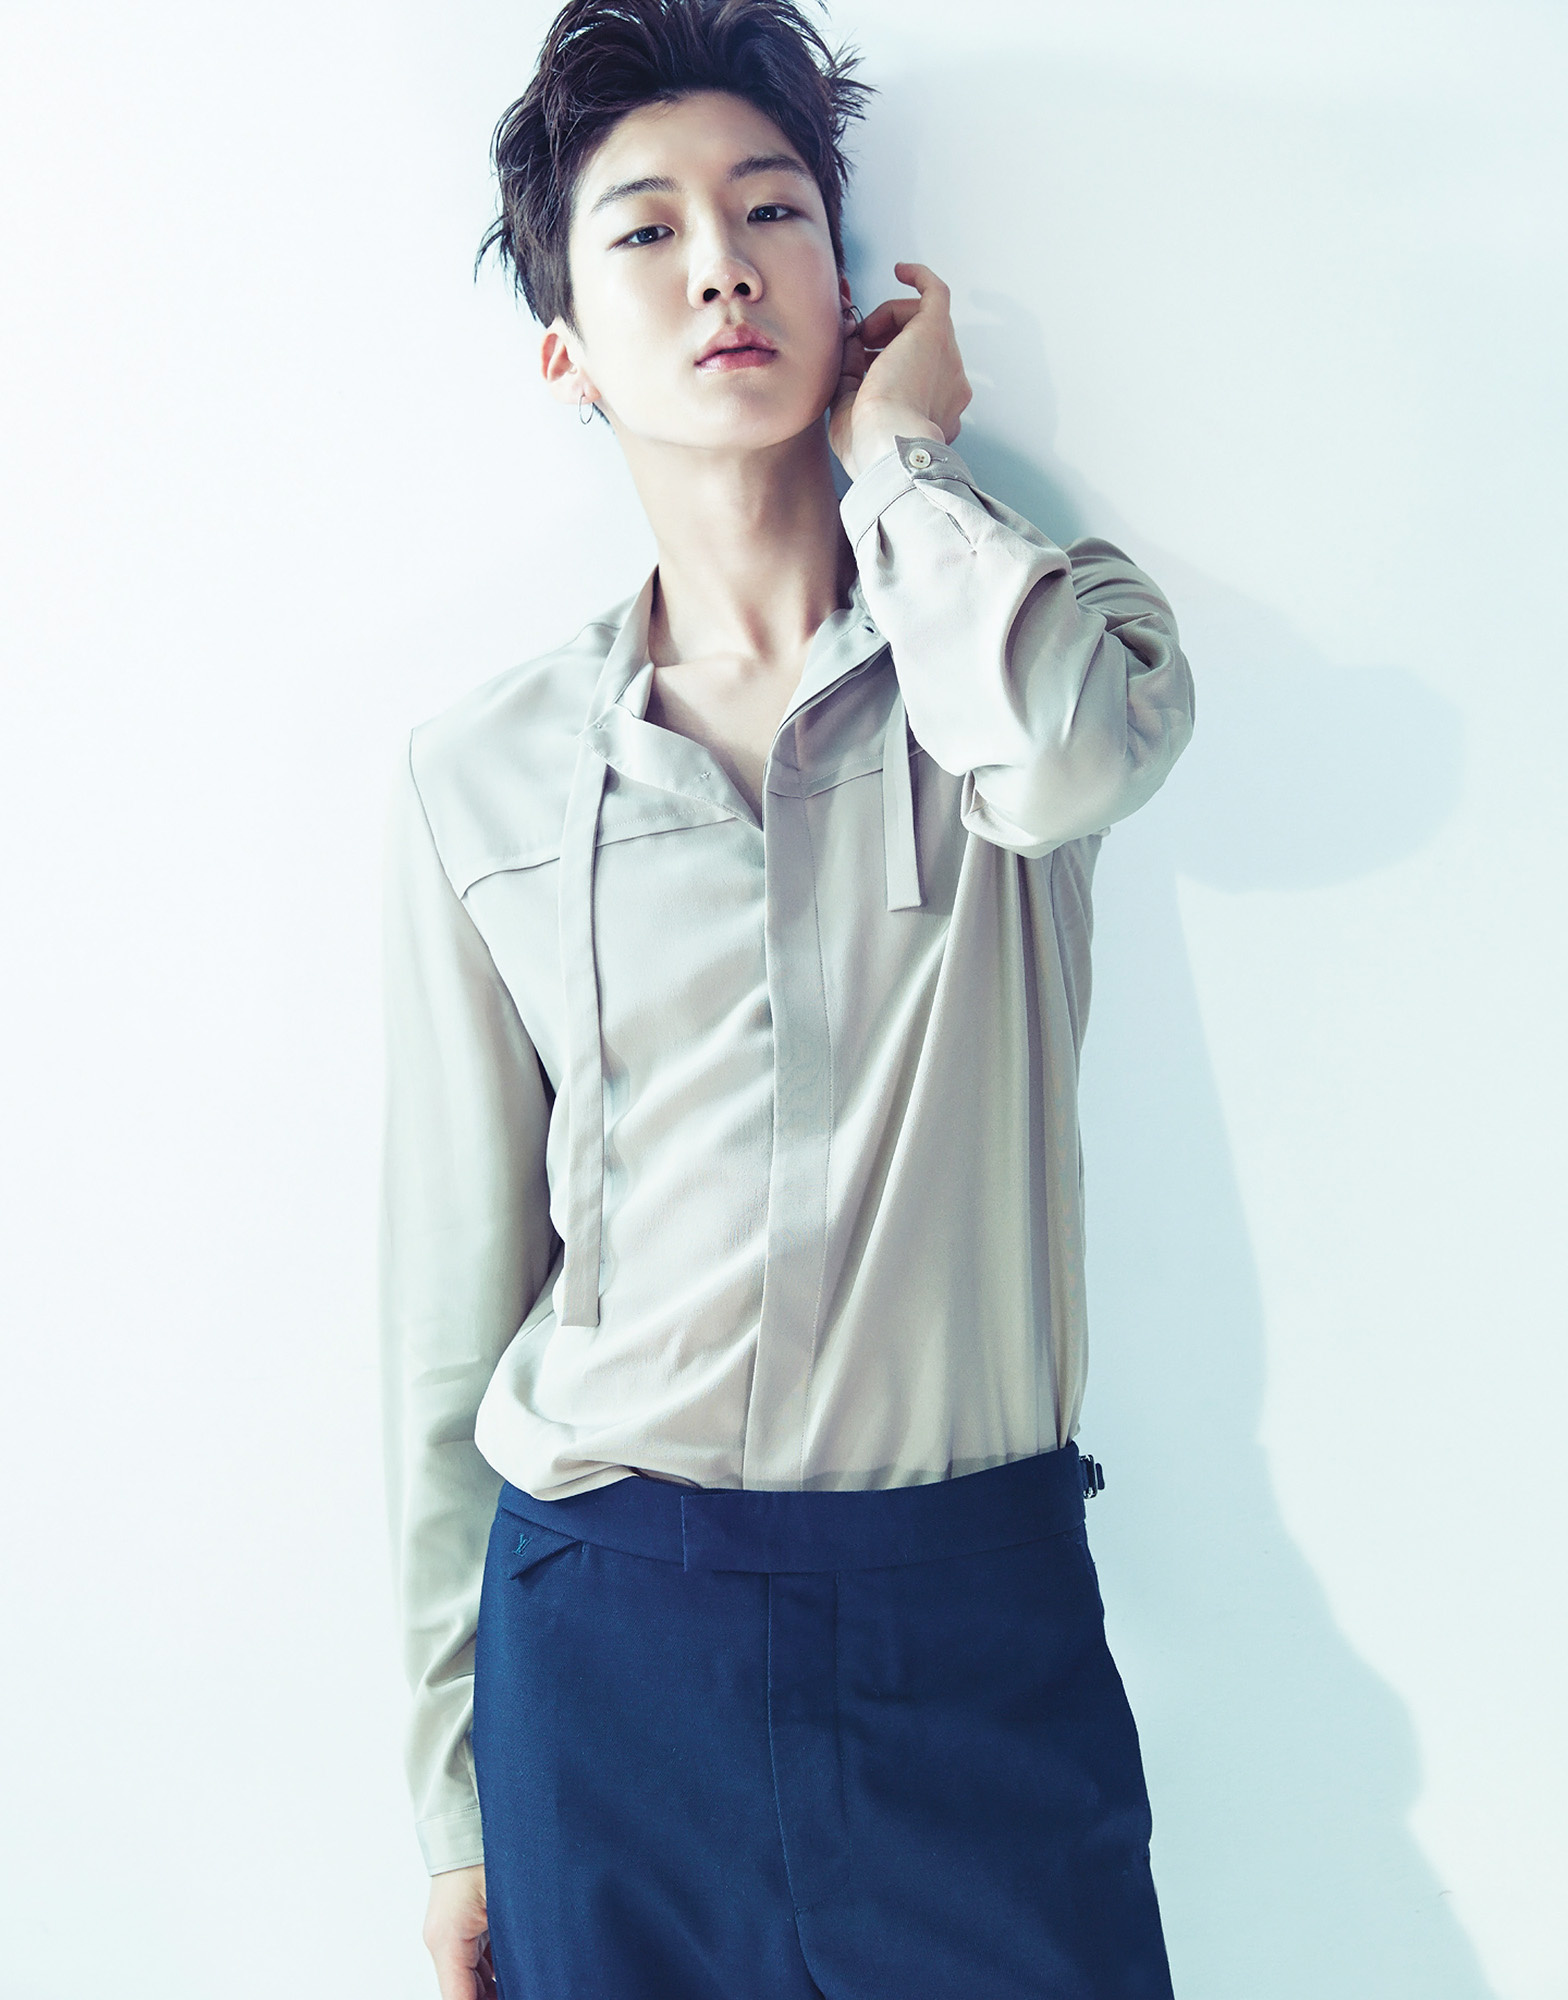 Winner Seung Hoon